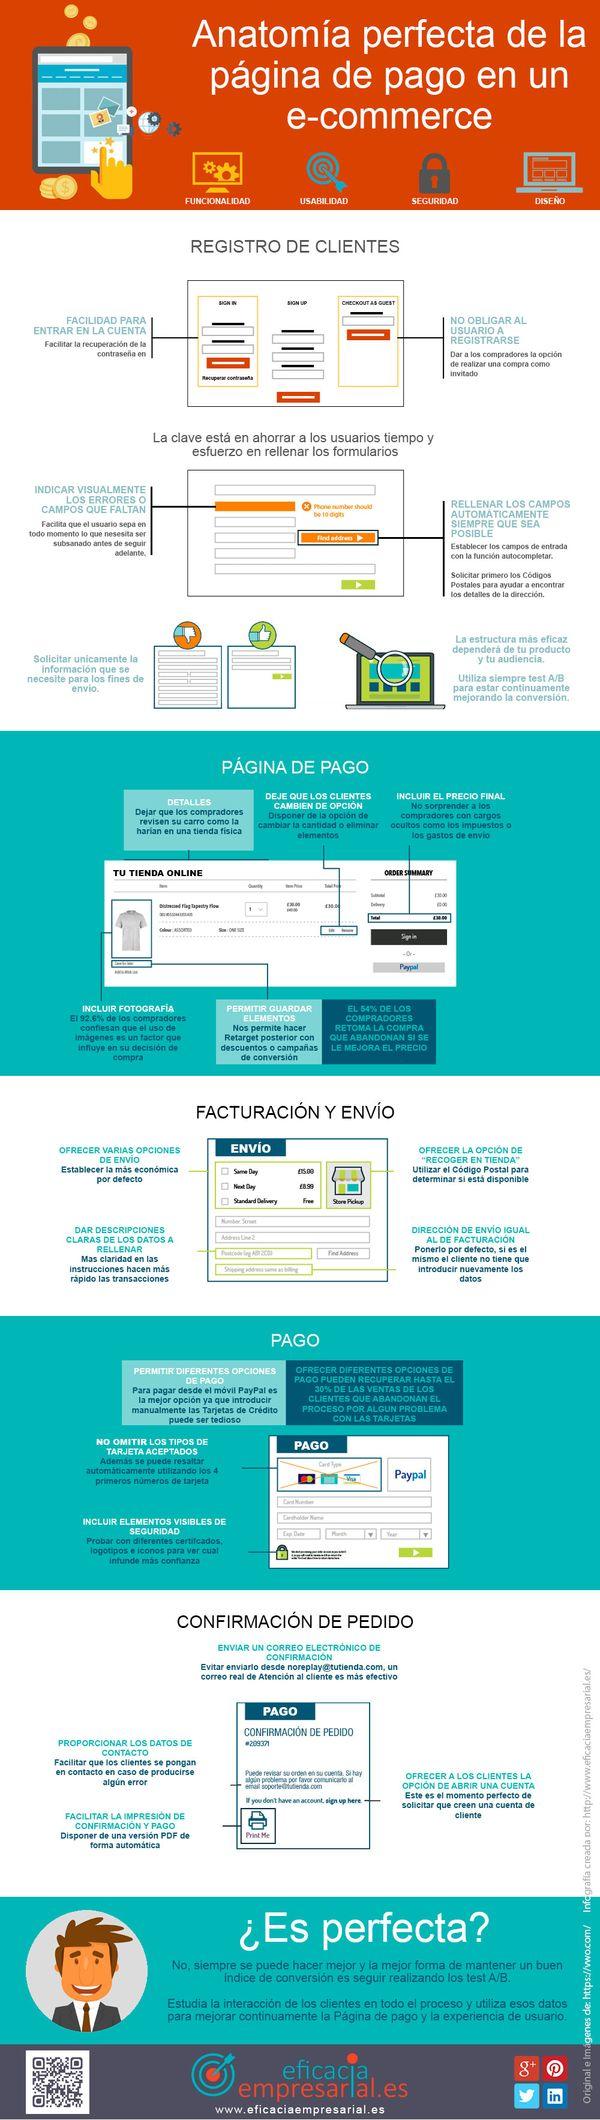 Anatomía de una página de pago perfecta - Tu tienda online de éxito